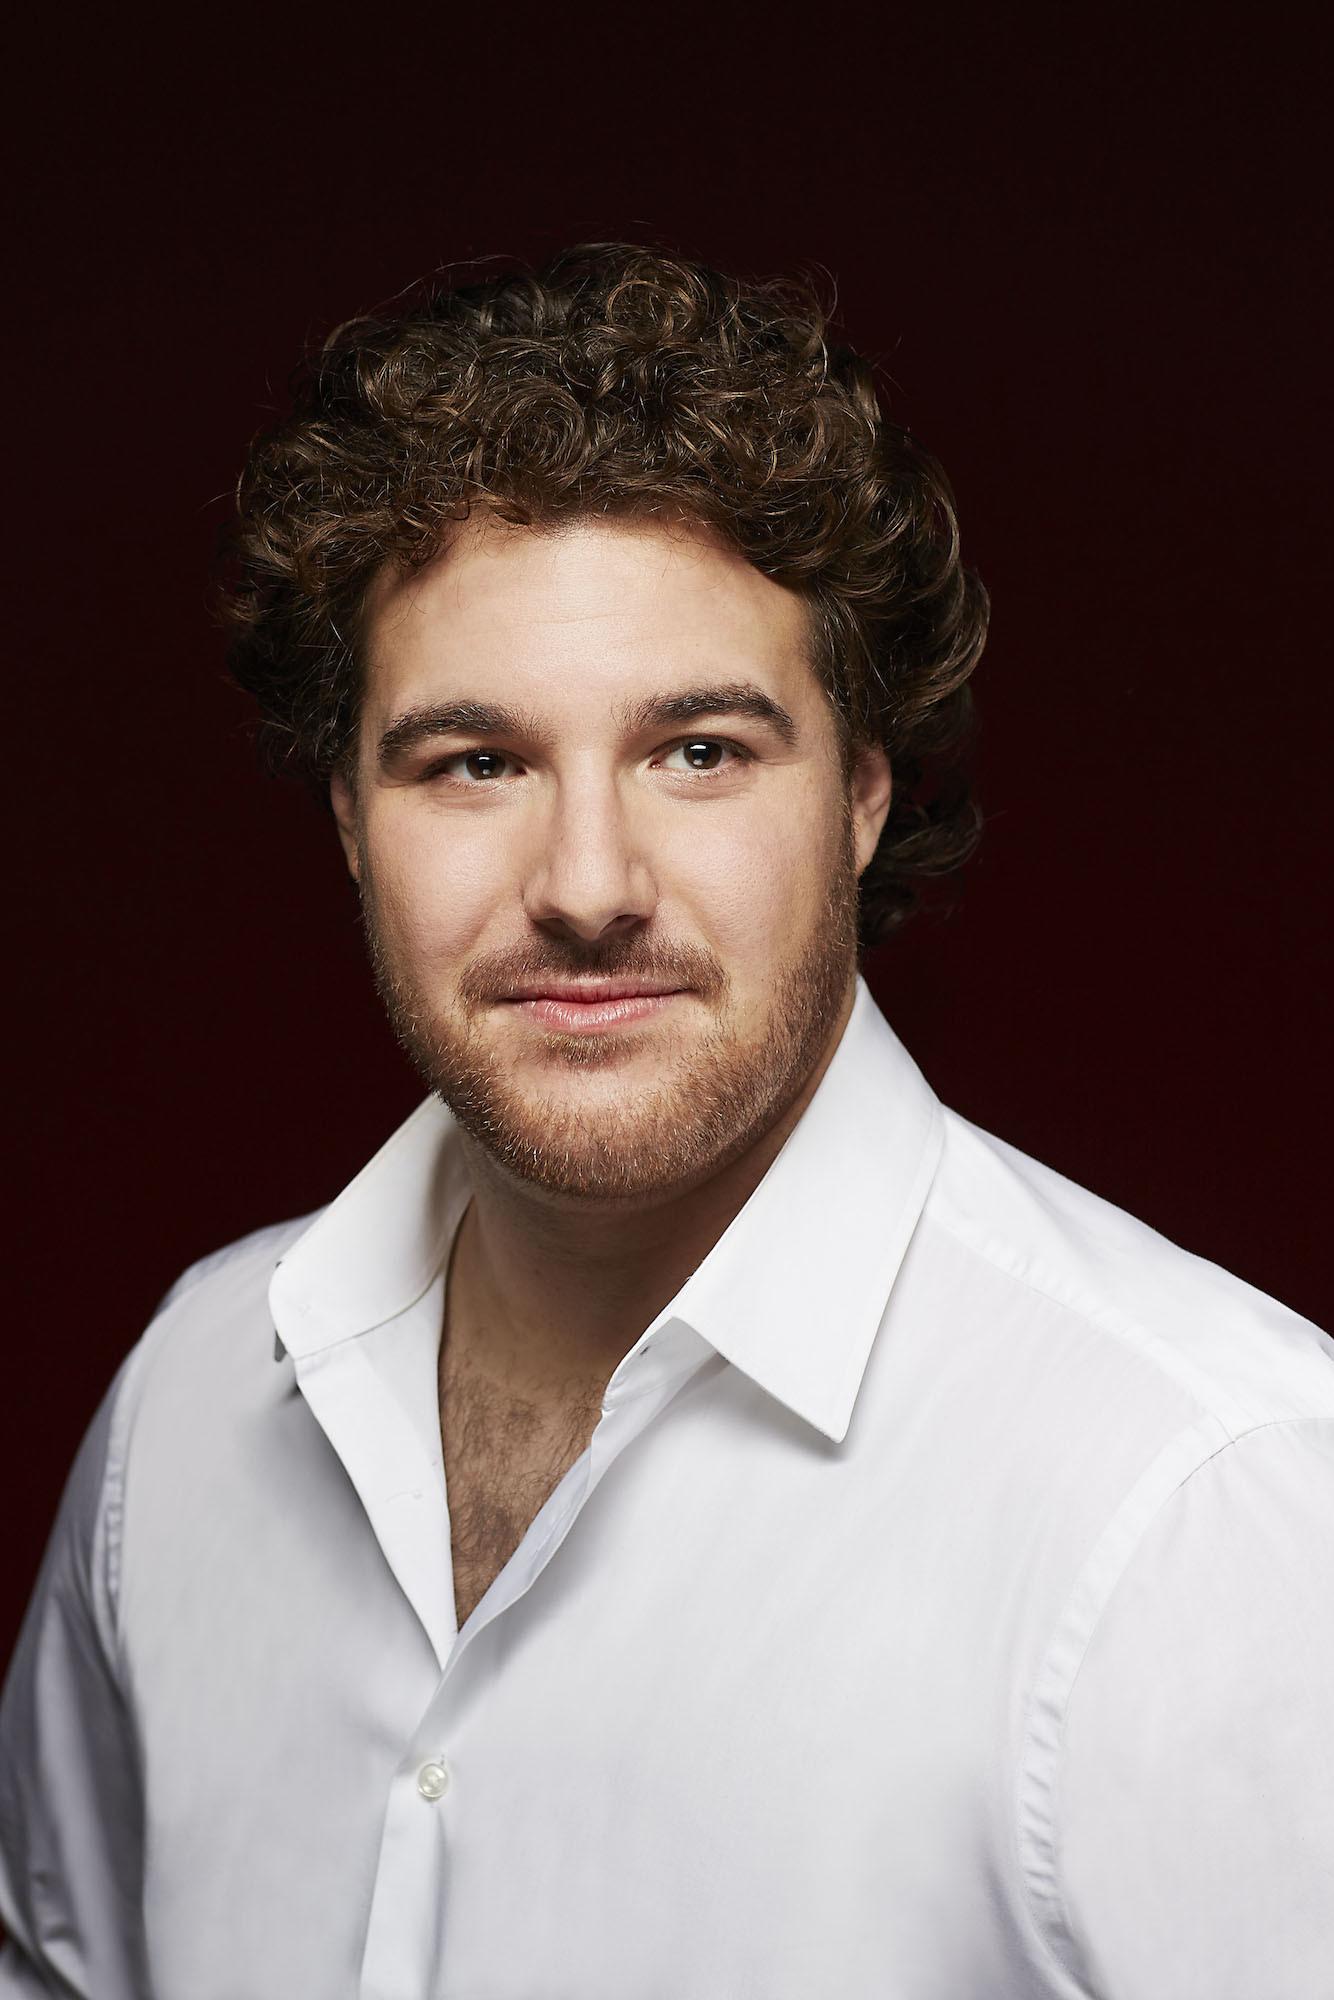 Mauro Peter, tenor